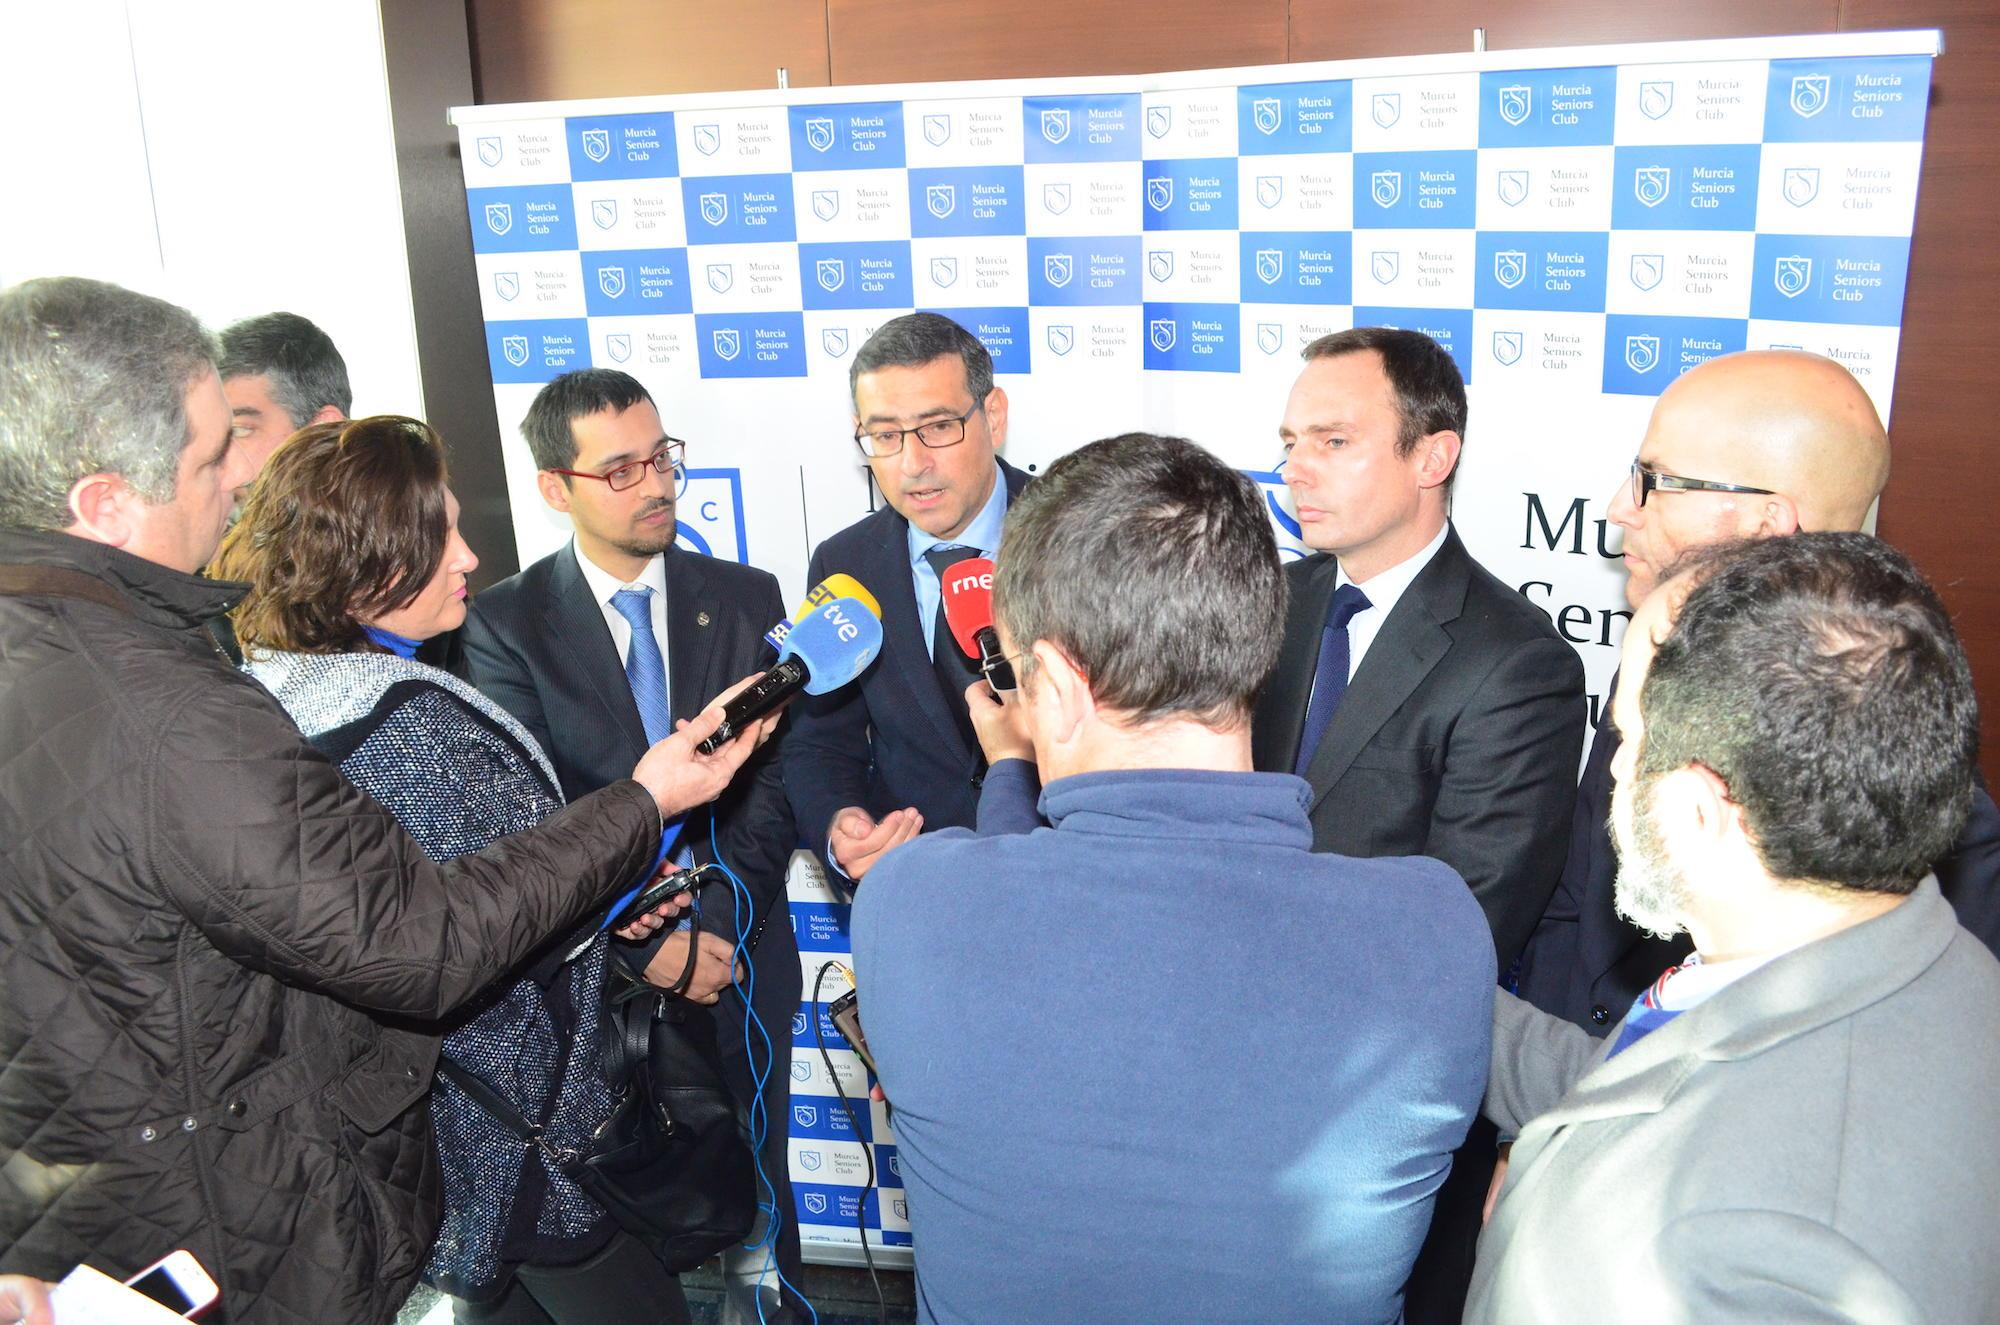 El presidente del Consejo Económico y Social analiza las fortalezas y las debilidades de la economía en el foro del Murcia Seniors Club